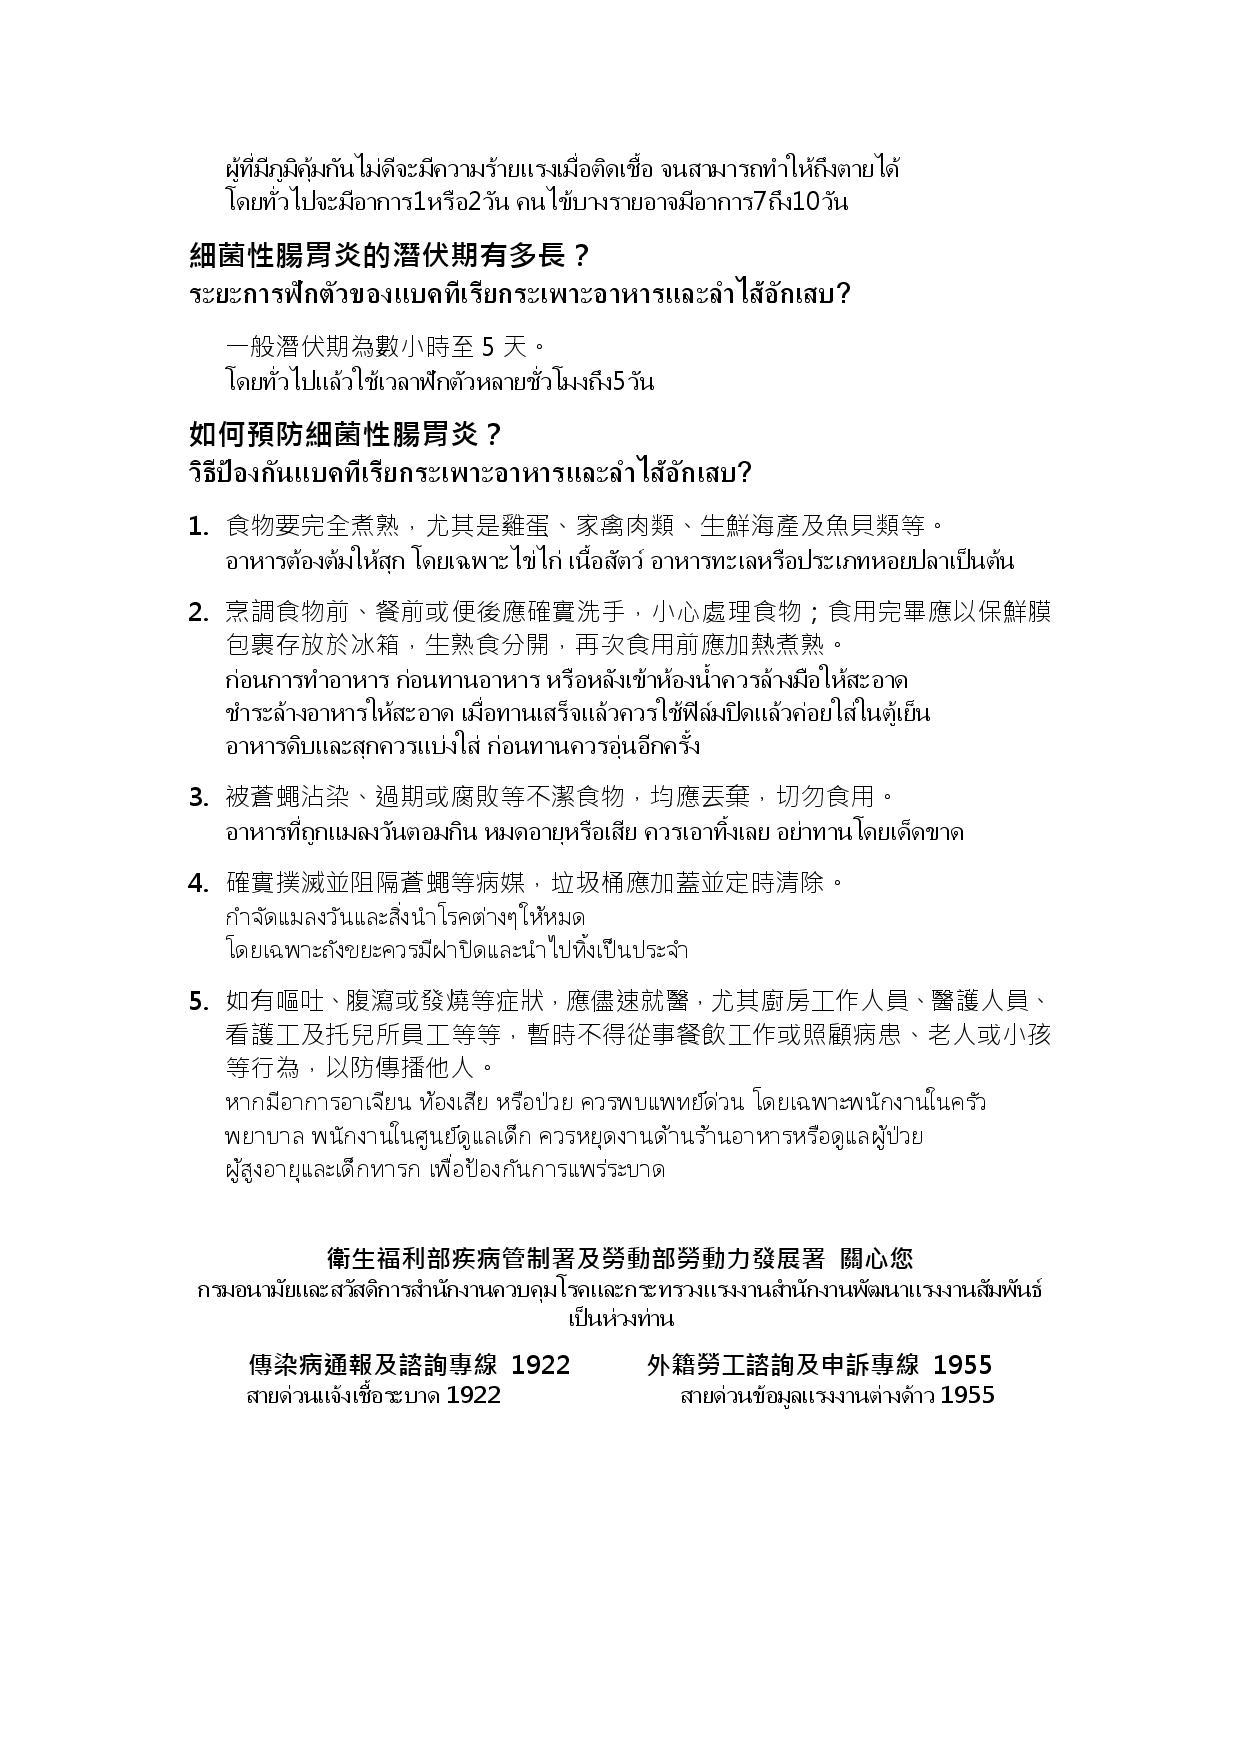 詳如附件【คลิก】เพื่อเป็นการป้องกันโรคกระเพาะอาหารและลำไส้อักเสบ(หน้า 2)預防細菌性腸胃炎(泰文)